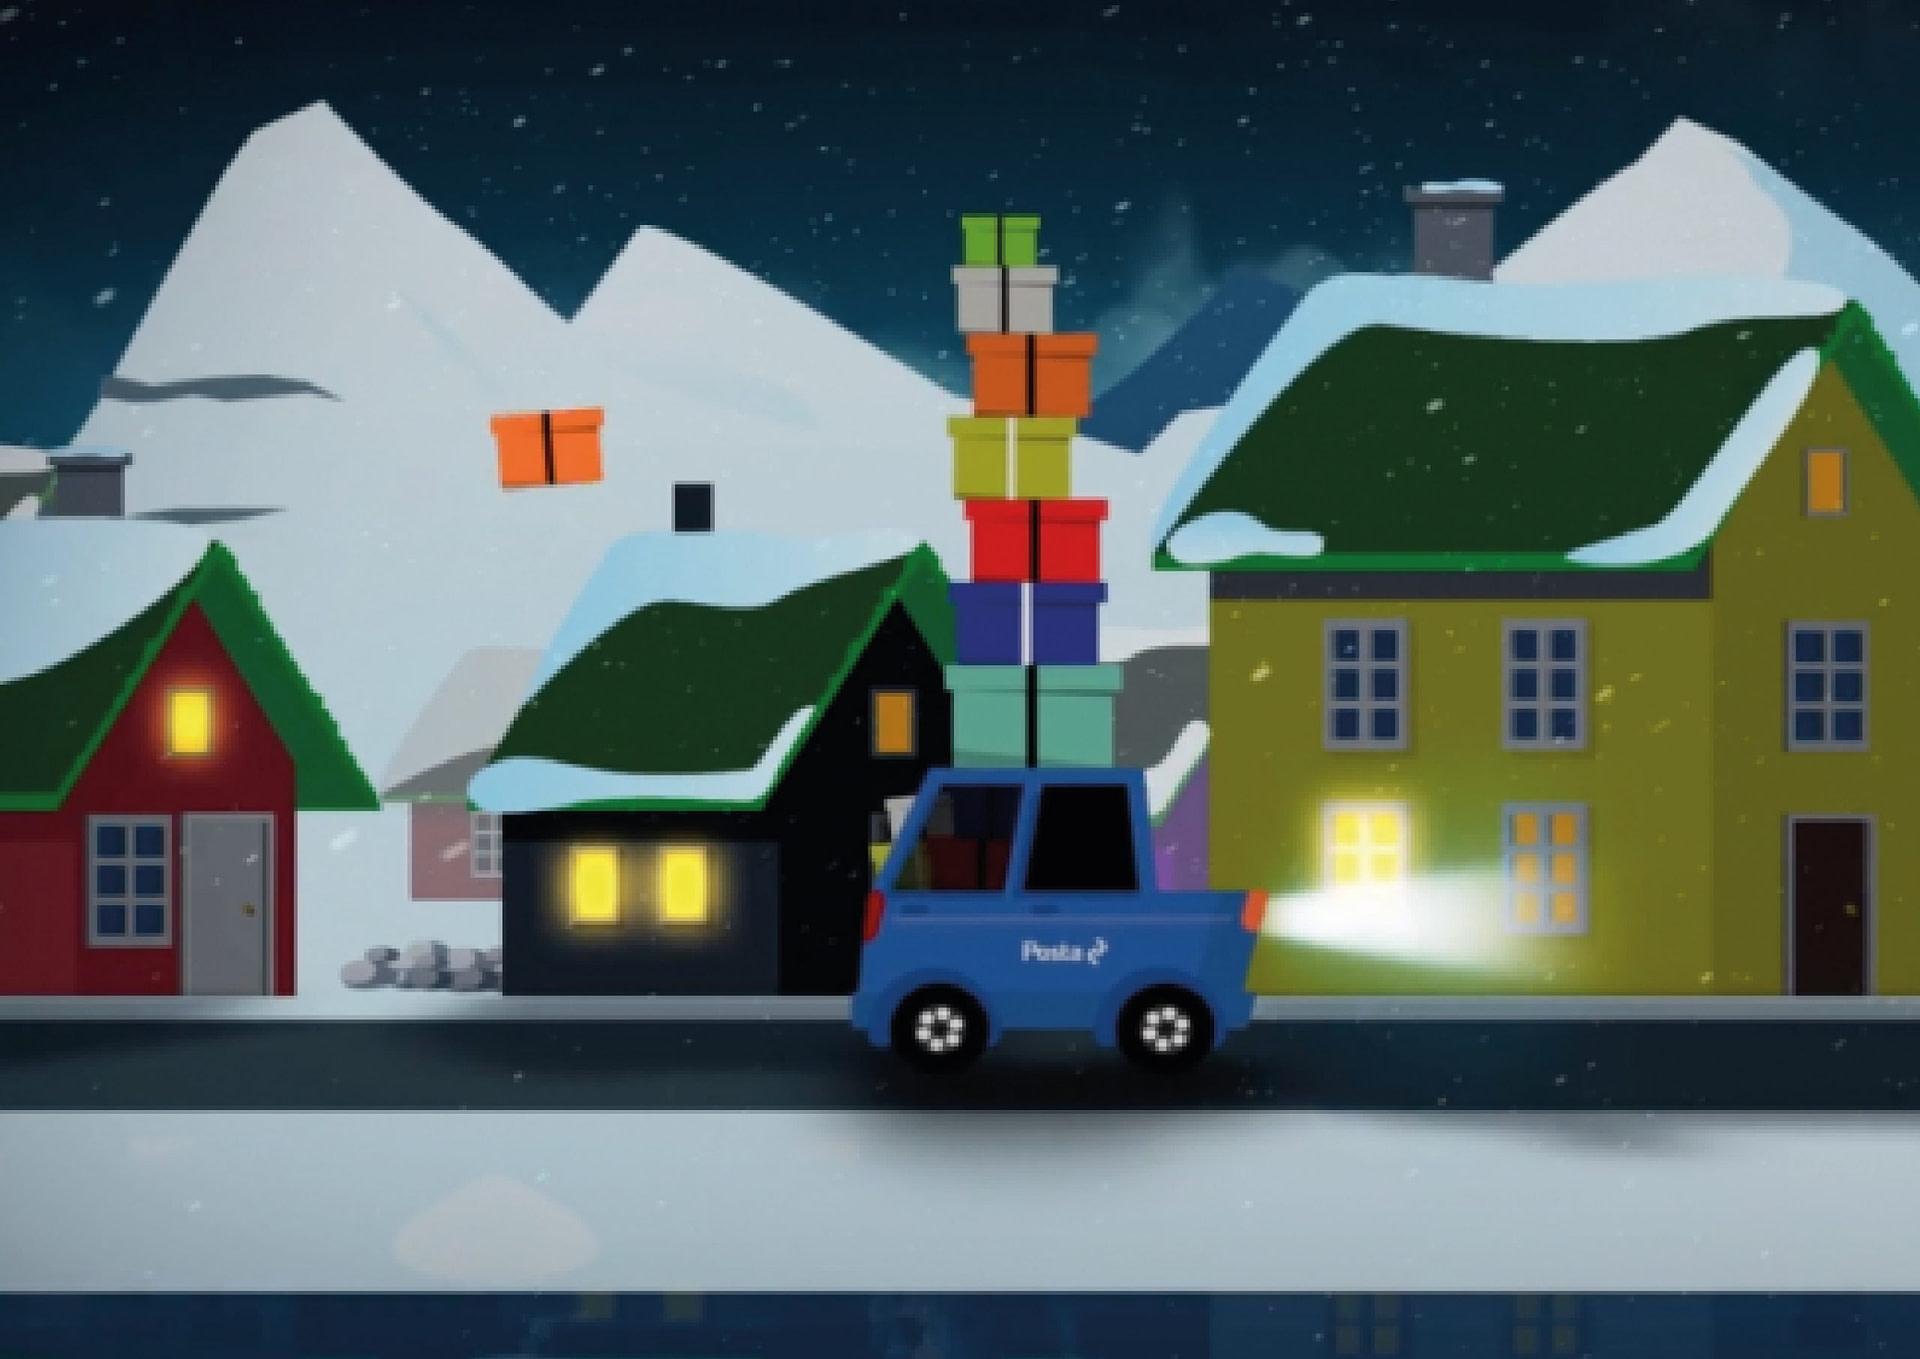 Skalkur og Posta animationsvideo